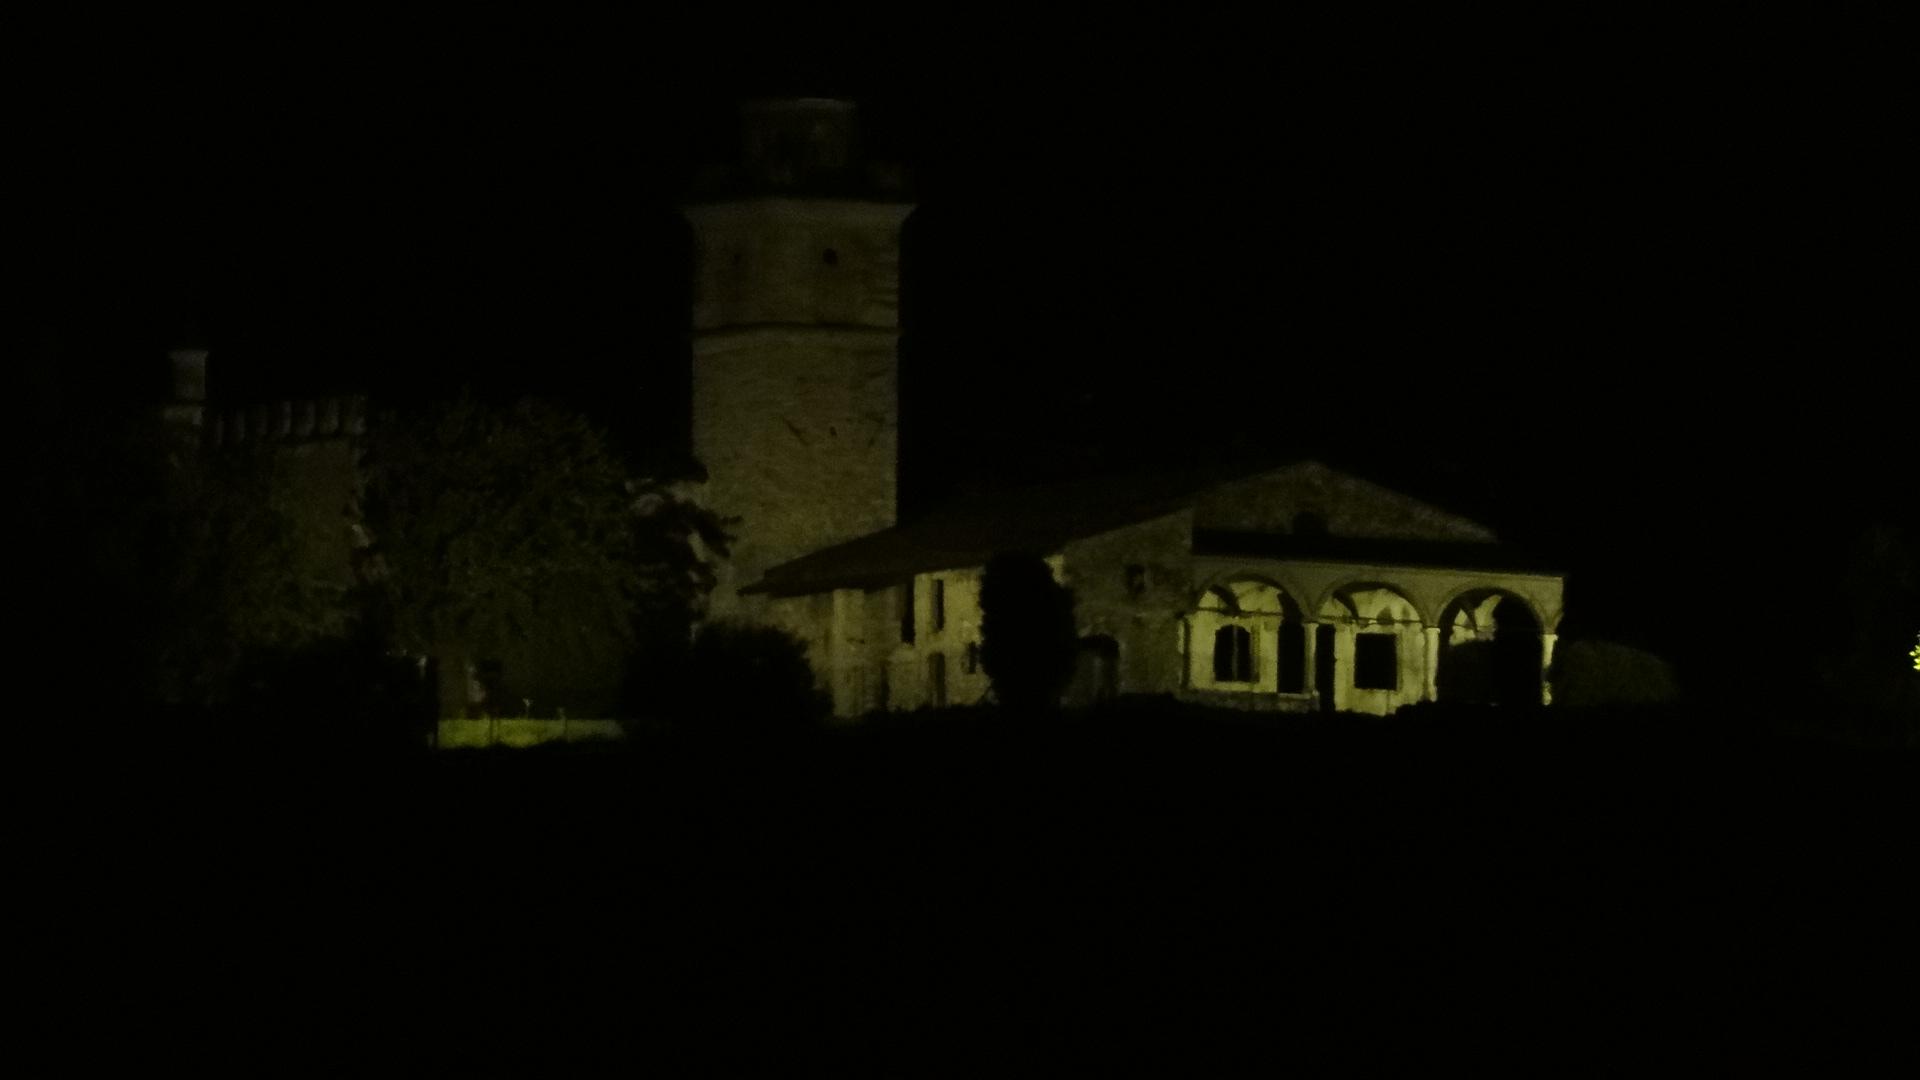 Veduta notturna del convento domenicano della Santissima Trinità, a Gussago, in provincia di Brescia. Qui venne interrogato uno dei testimoni del processo a Benvegnuda Pincinella, accusata di stregoneria nel 1518